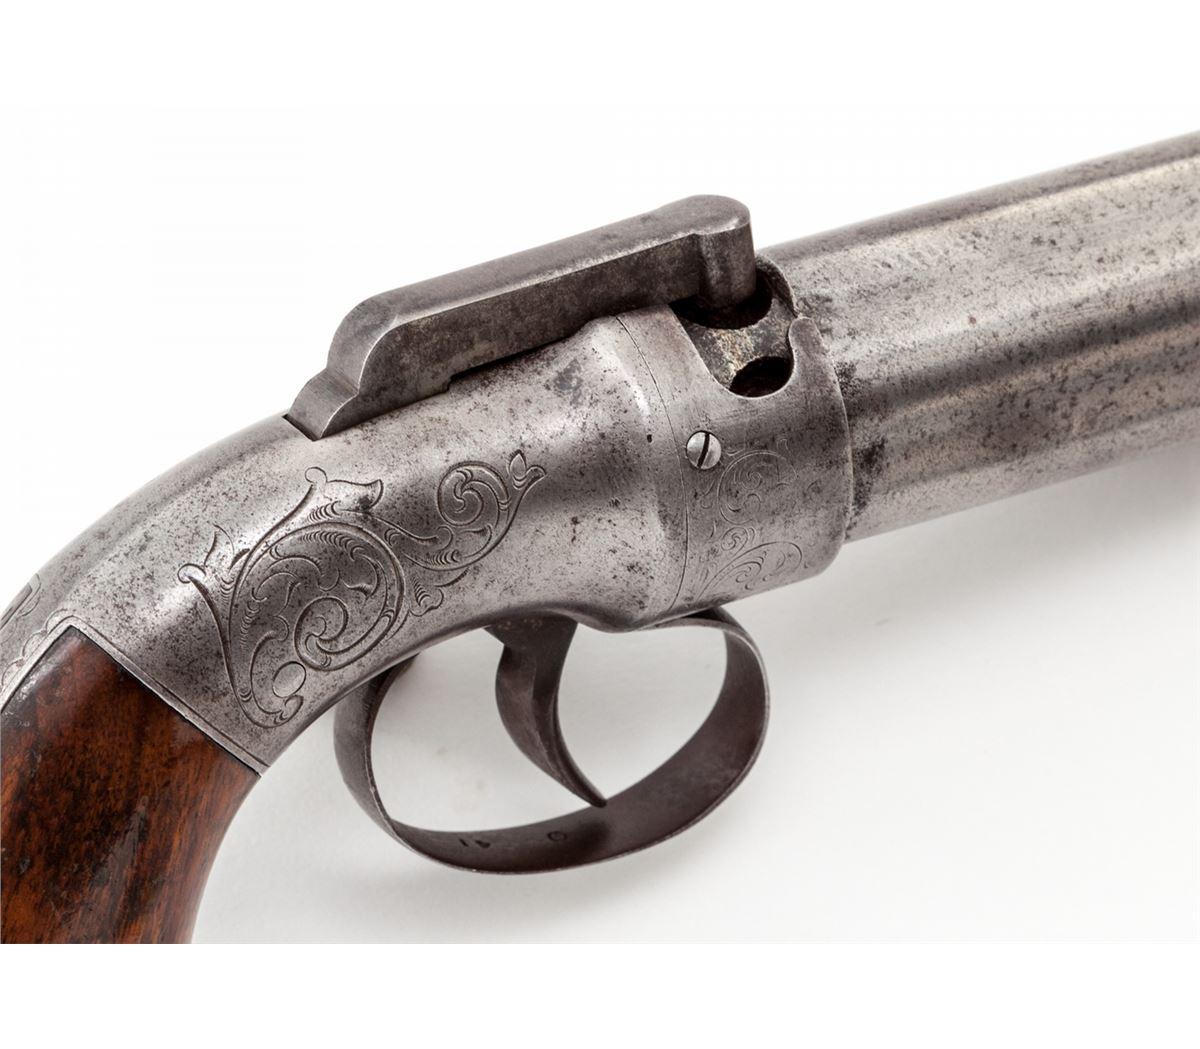 High Resolution Wallpaper | Allen & Thurber Pepperbox Pistol 1200x1049 px